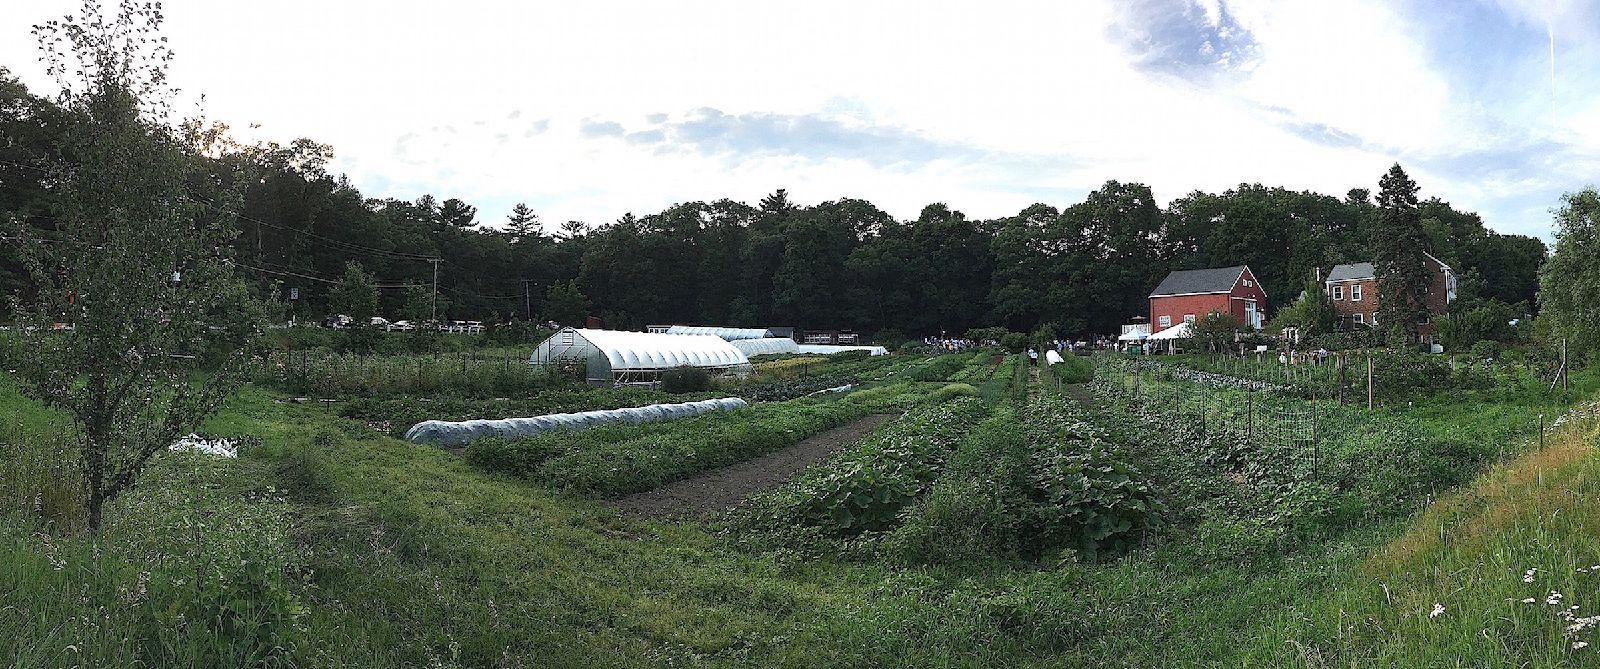 view_of_farm_8_17.jpg